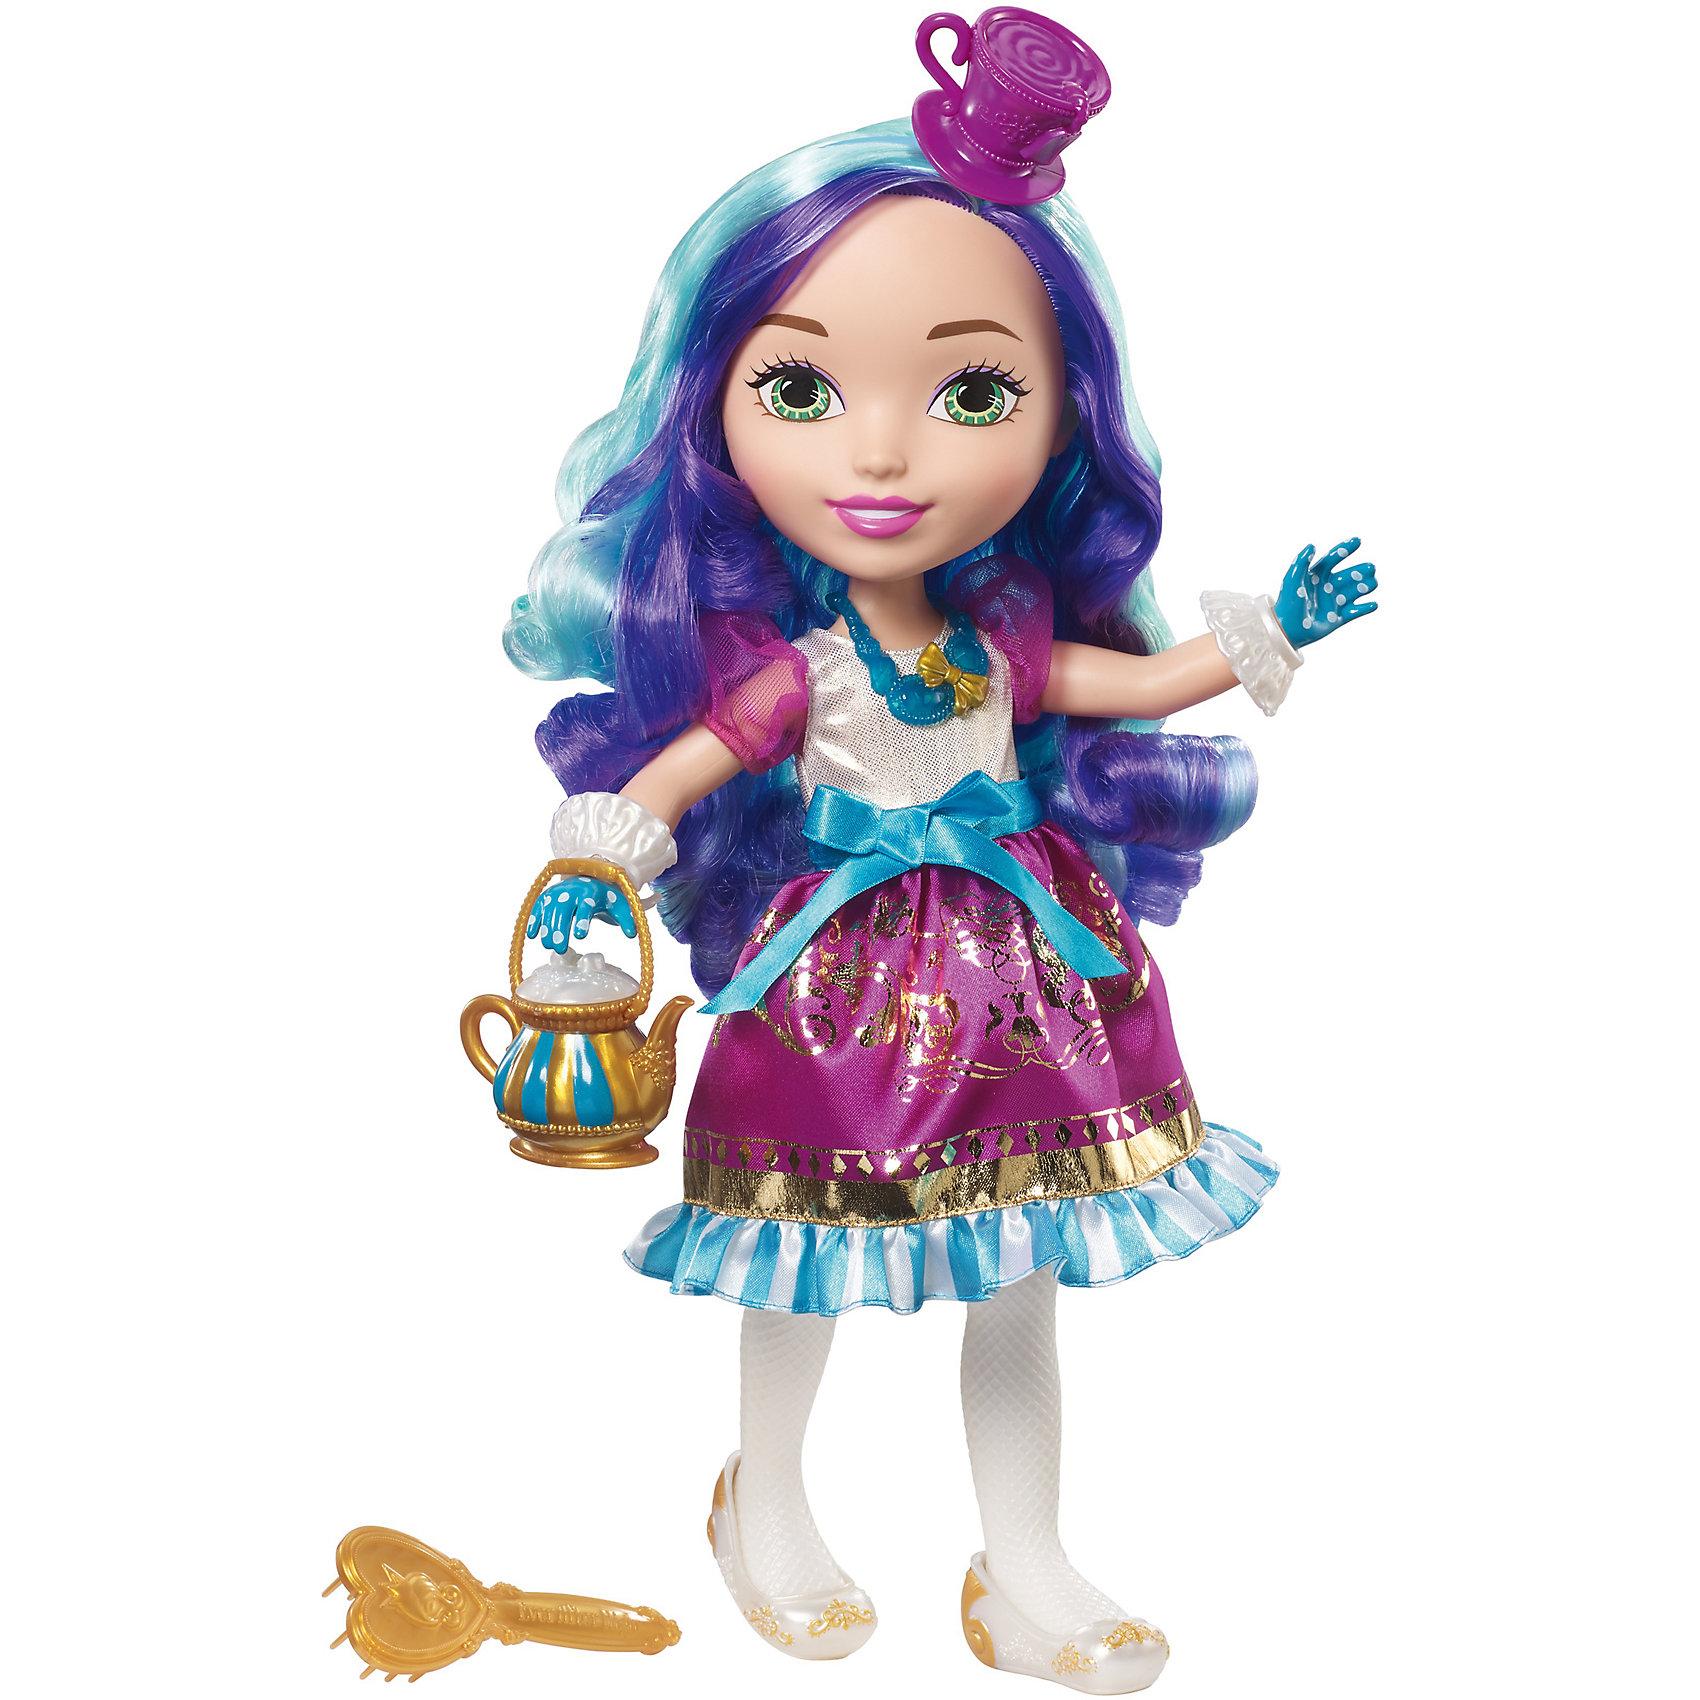 Большая  кукла принцесса Мэдлин Хэттер, Ever After HighКуклы-модели<br>Характеристики товара:<br><br>• возраст от 6 лет;<br>• материал: пластик, текстиль;<br>• в комплекте: кукла, аксессуары;<br>• высота куклы 38 см;<br>• размер упаковки 38х20,5х11 см;<br>• вес упаковки 734 гр.;<br>• страна производитель: Индонезия.<br><br>Большая кукла принцесса Мэдлин Хэттер Ever After High — героиня известного мультсериала, которая из своей шляпки умеет извлекать чайный сервиз, чтобы напоить друзей чаем. Она одета в фиолетовое переливающееся платье, туфельки и голубые перчатки, на голове у нее шляпка, а в руках чайник. Дополняет стильный образ ожерелье на шее. У Мэдлин вьющиеся синие волосы, которые можно расчесывать, заплетать и украшать. <br><br>Большую куклу принцессу Мэдлин Хэттер Ever After High можно приобрести в нашем интернет-магазине.<br><br>Ширина мм: 205<br>Глубина мм: 110<br>Высота мм: 380<br>Вес г: 734<br>Возраст от месяцев: 36<br>Возраст до месяцев: 120<br>Пол: Женский<br>Возраст: Детский<br>SKU: 6673371